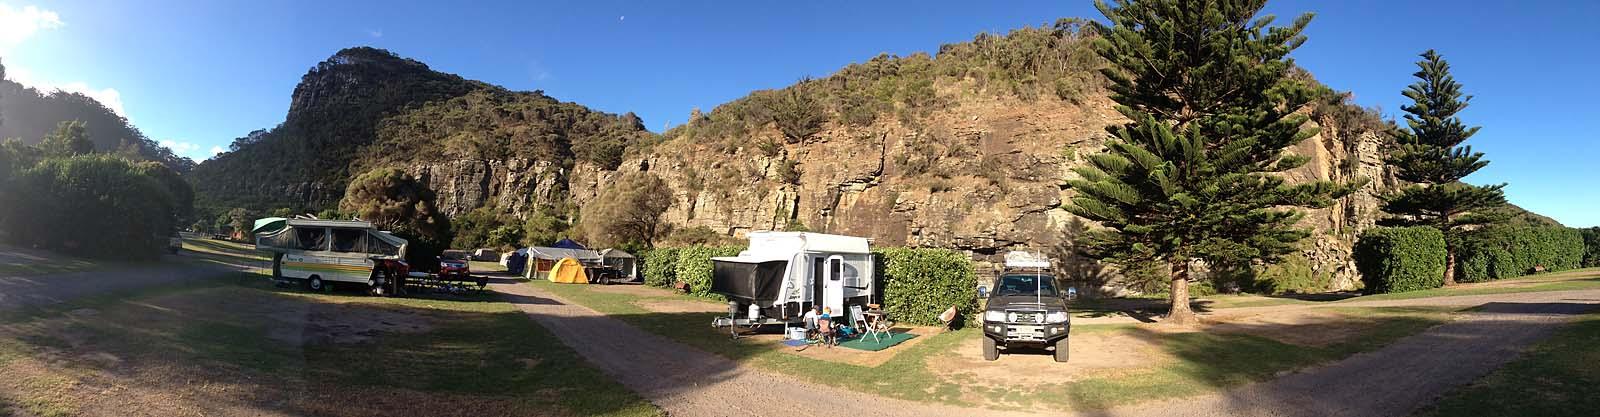 Cumberland River campsite.